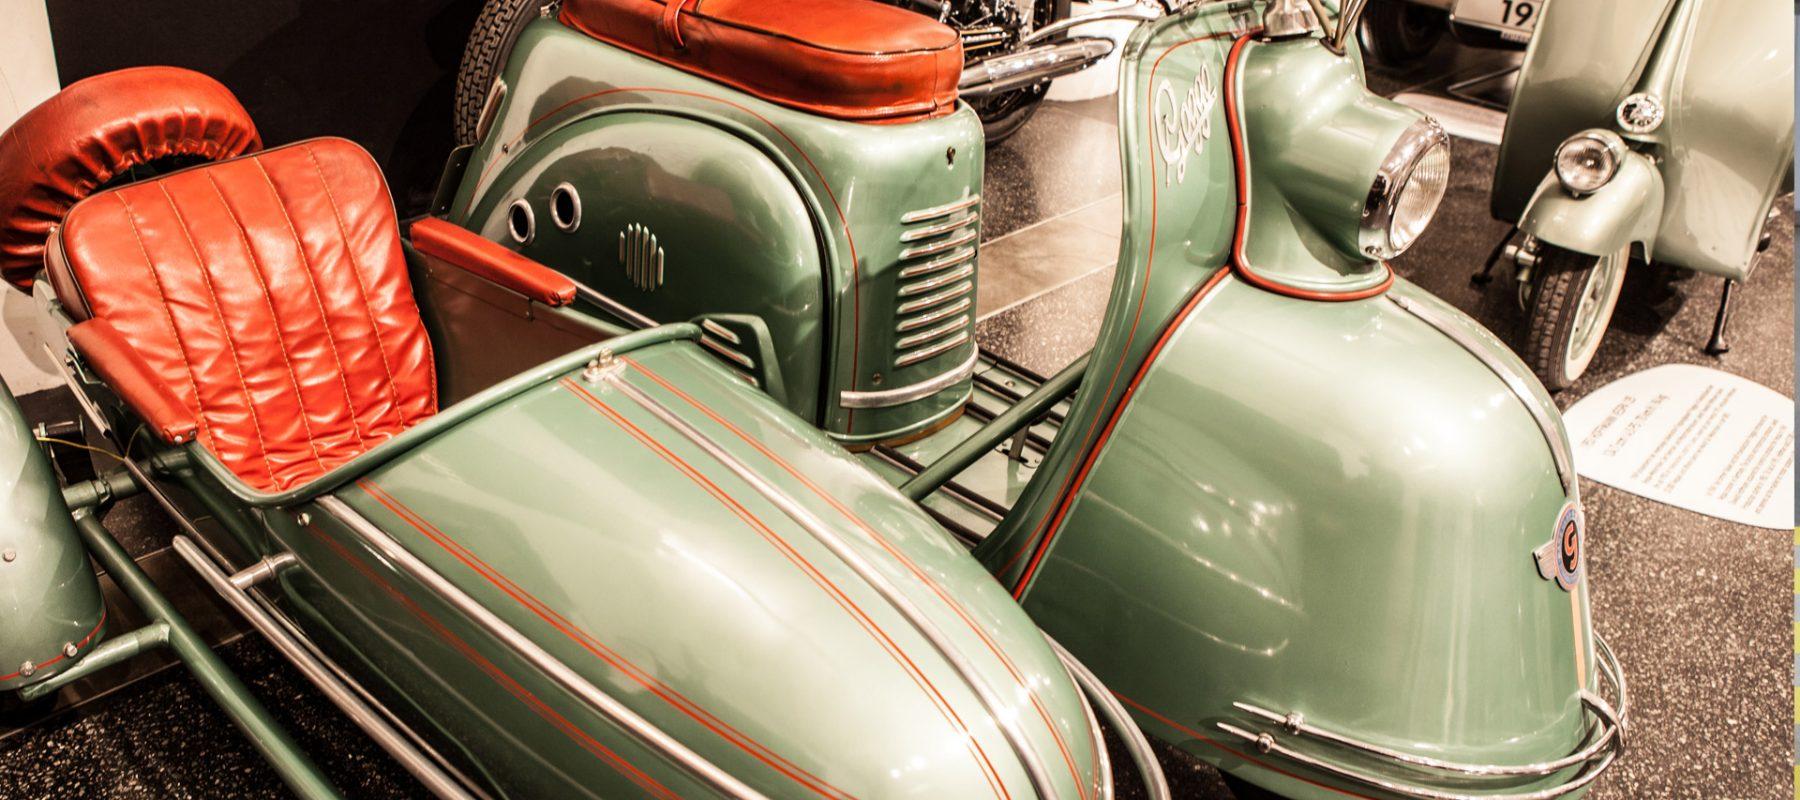 Bei der Sonderausstellung WirtschaftsWunderWagen im Hamburger Automuseum Prototyp wurde 2012/2013 auch ein 1954er Goggo-Roller mit Royal-Beiwagen gezeigt. Ein Jahr später entwickelte die Firma Glas auch ein Auto: das Goggomobil. Im Hintergurnd zu sehen sind außerdem eine NSU Max sowie eine Hoffmann Vespa - beide aus dem Jahr 1953.